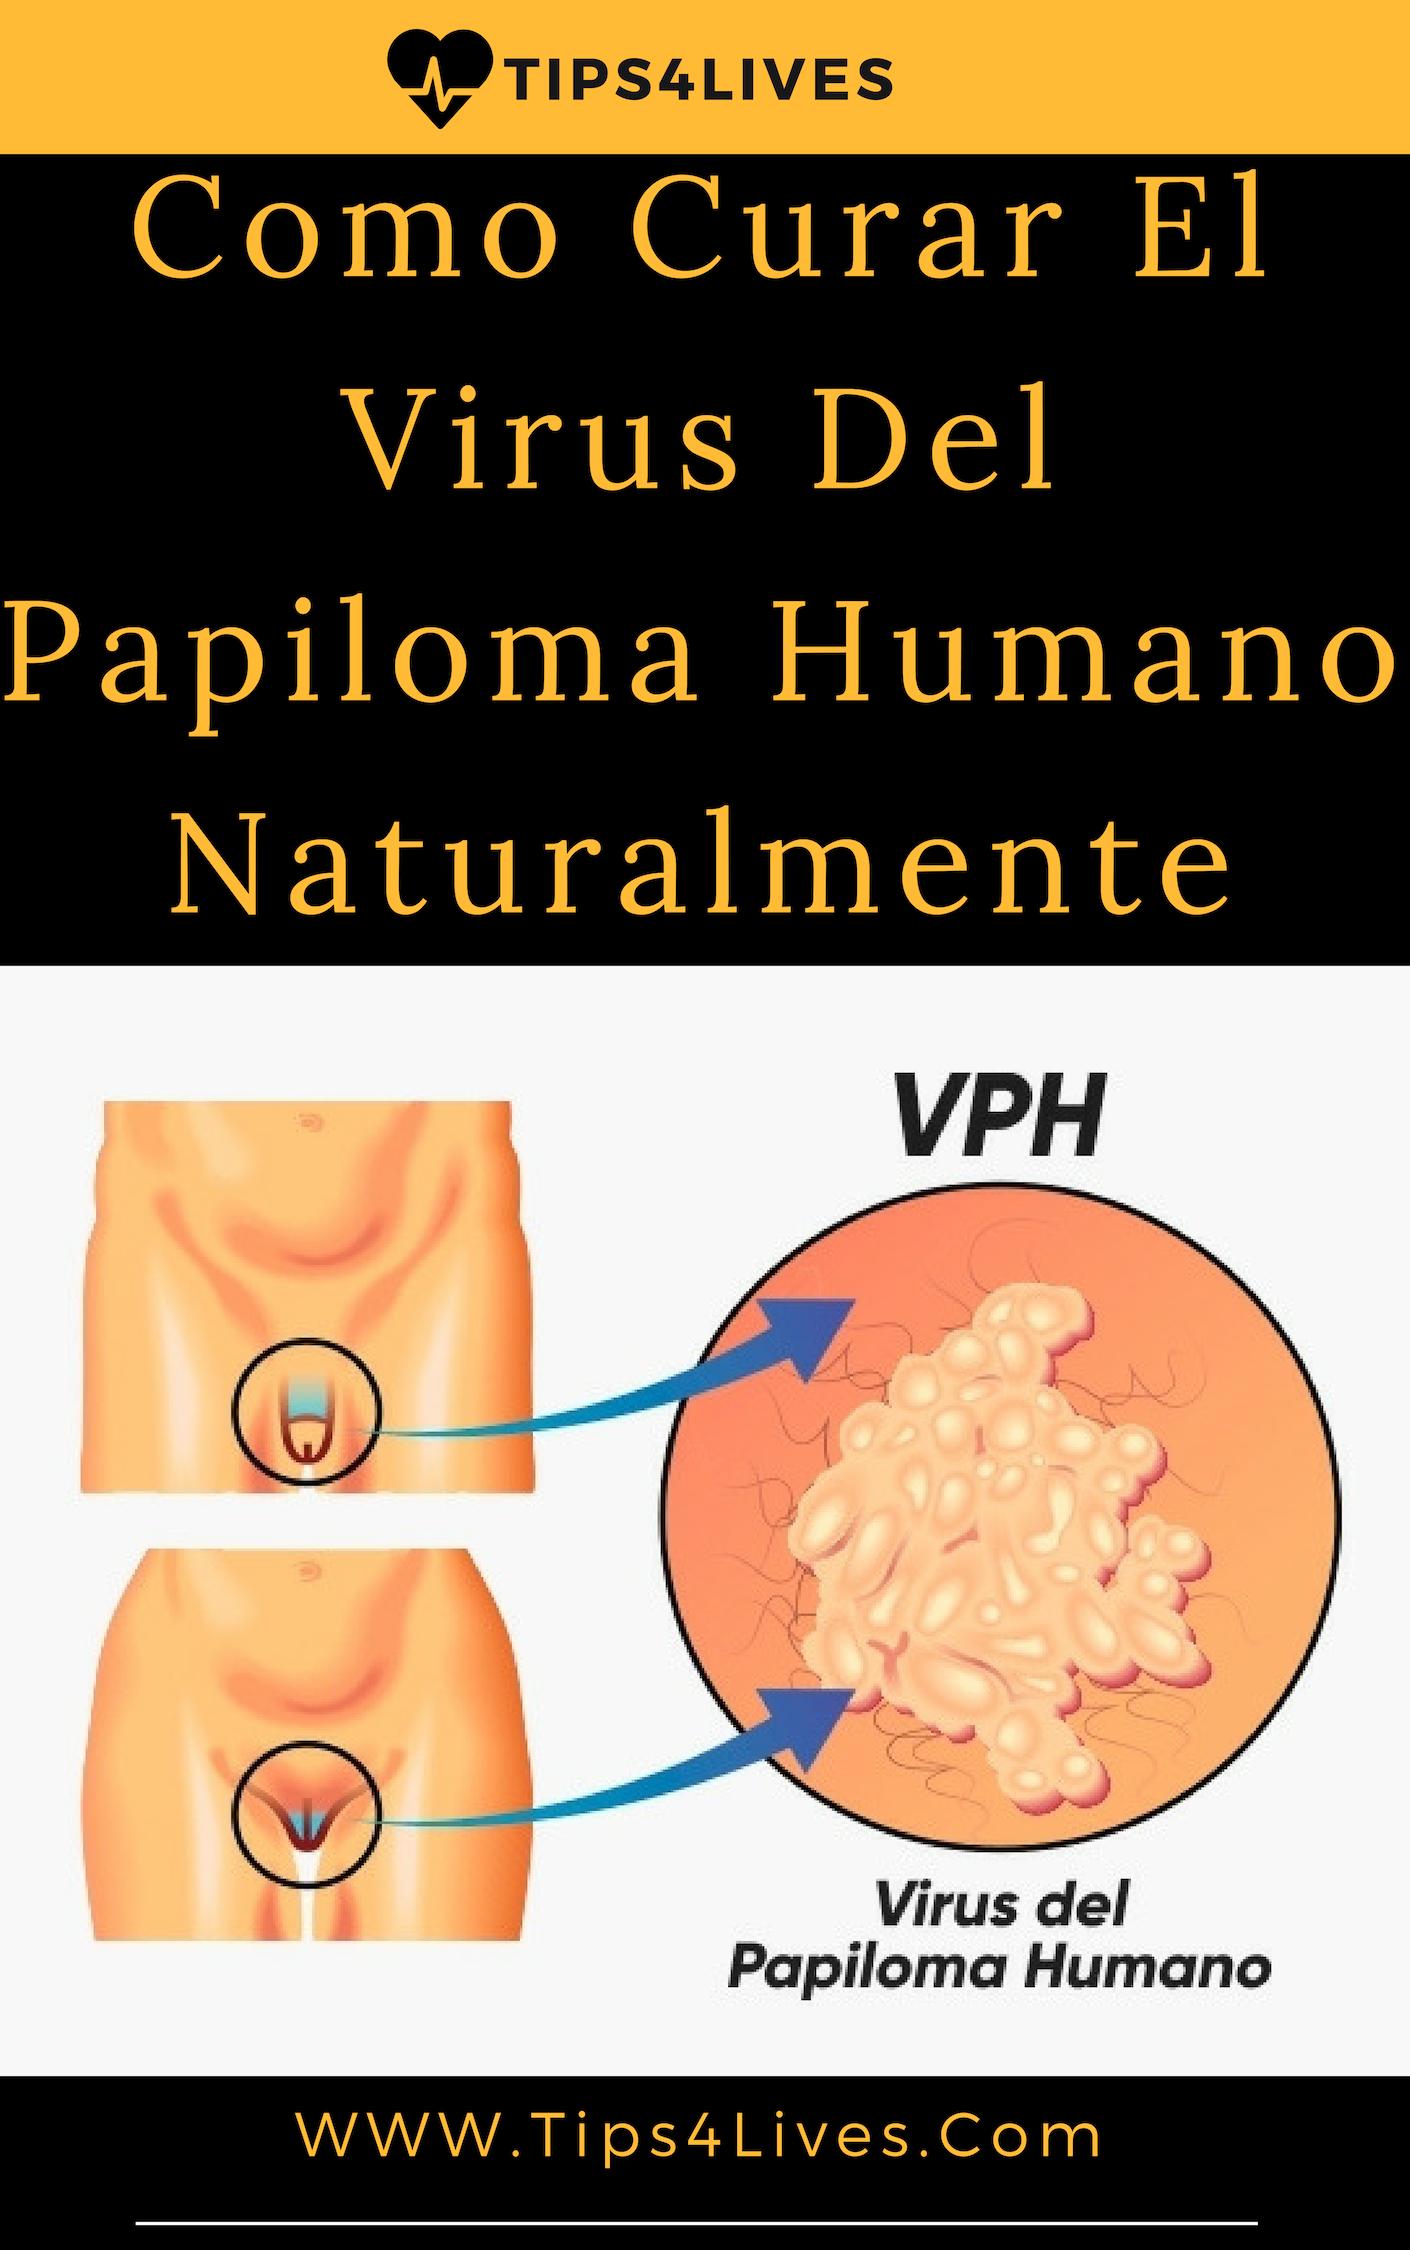 papilloma virus vaccino como medicament pentru paraziți asd 2